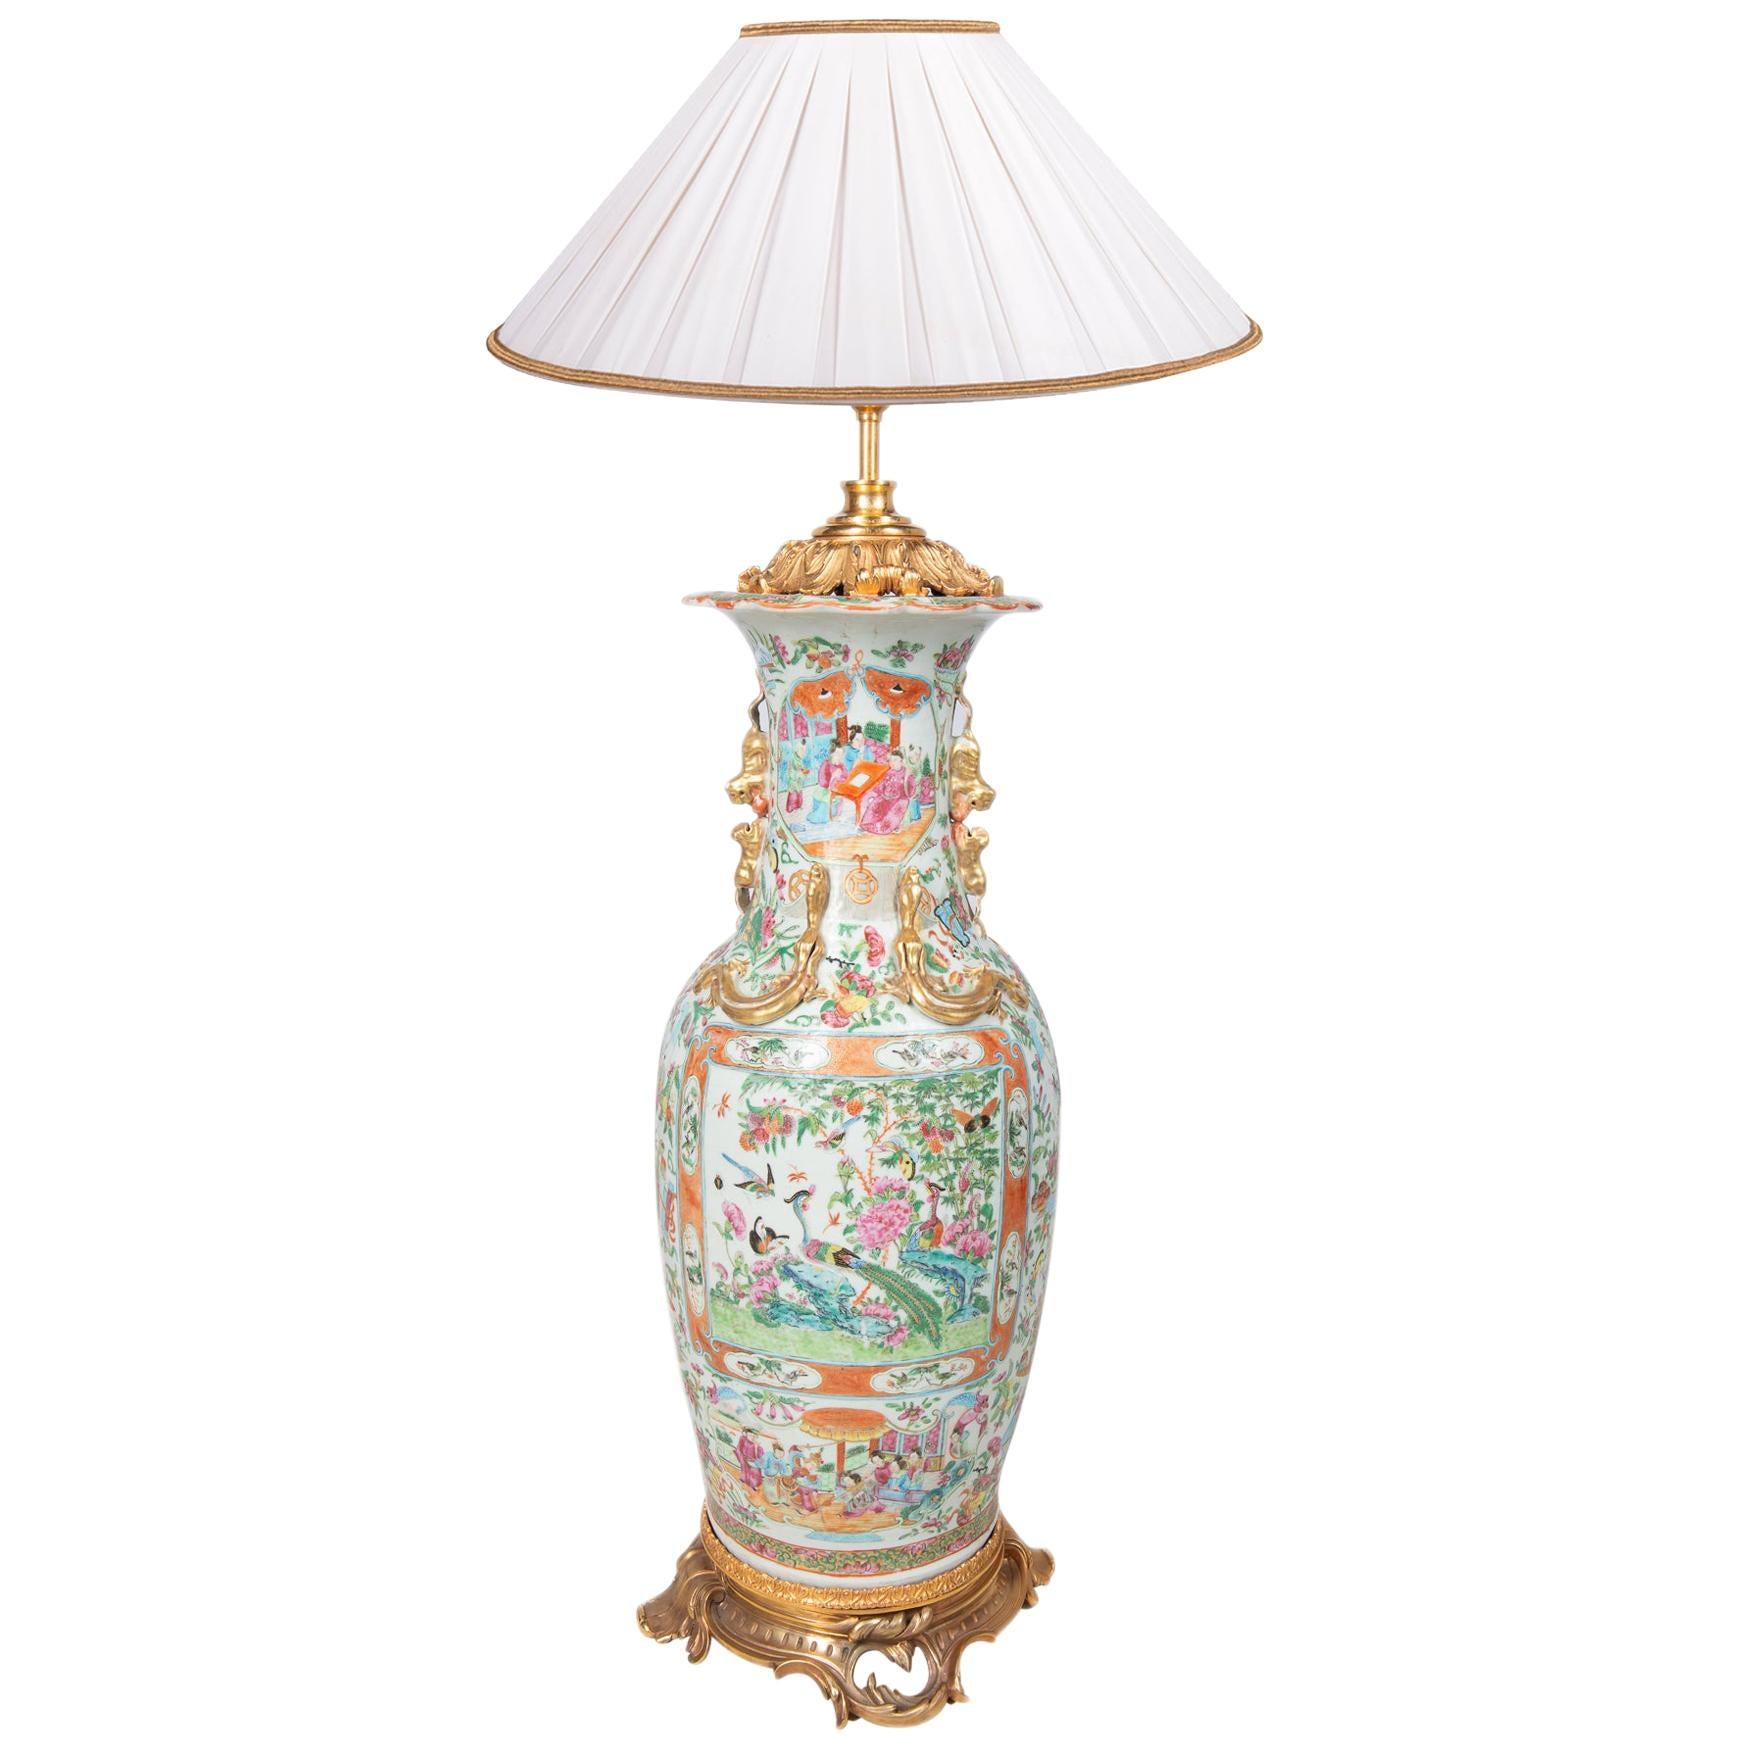 Large 19th Century Chinese Rose Medallion Vase / Lamp